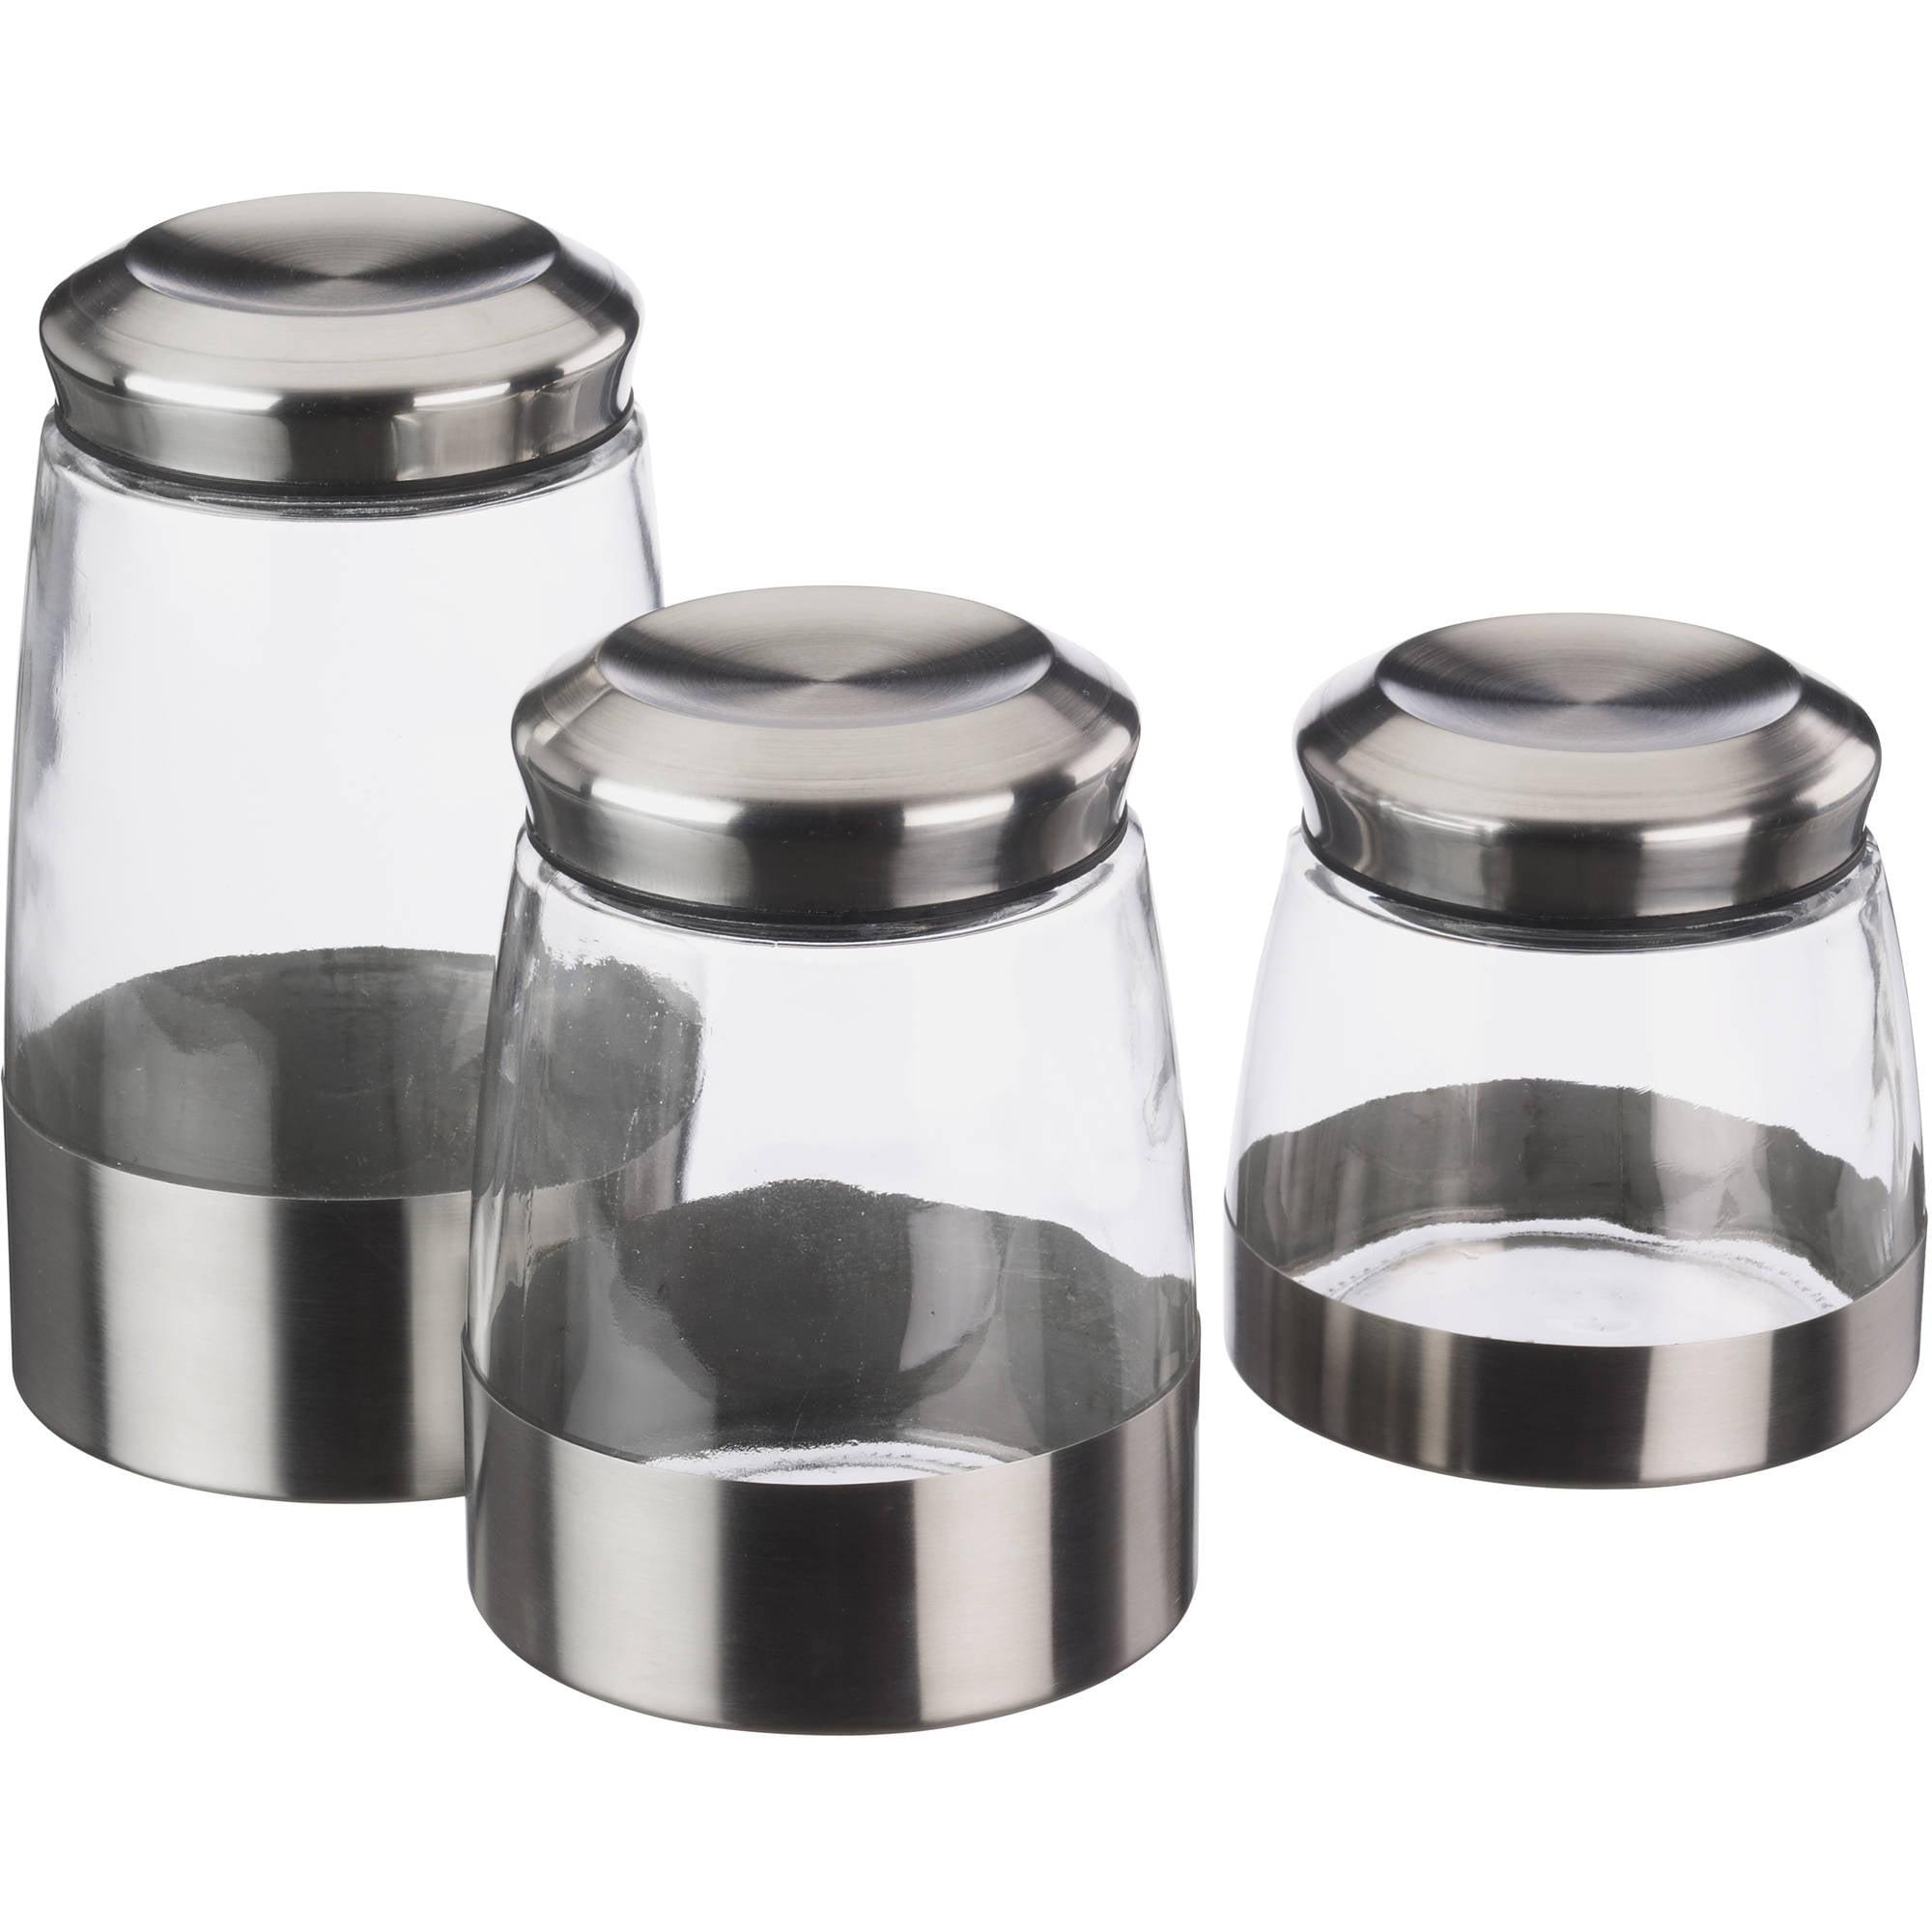 mainstays 3 piece glass canister set walmart com